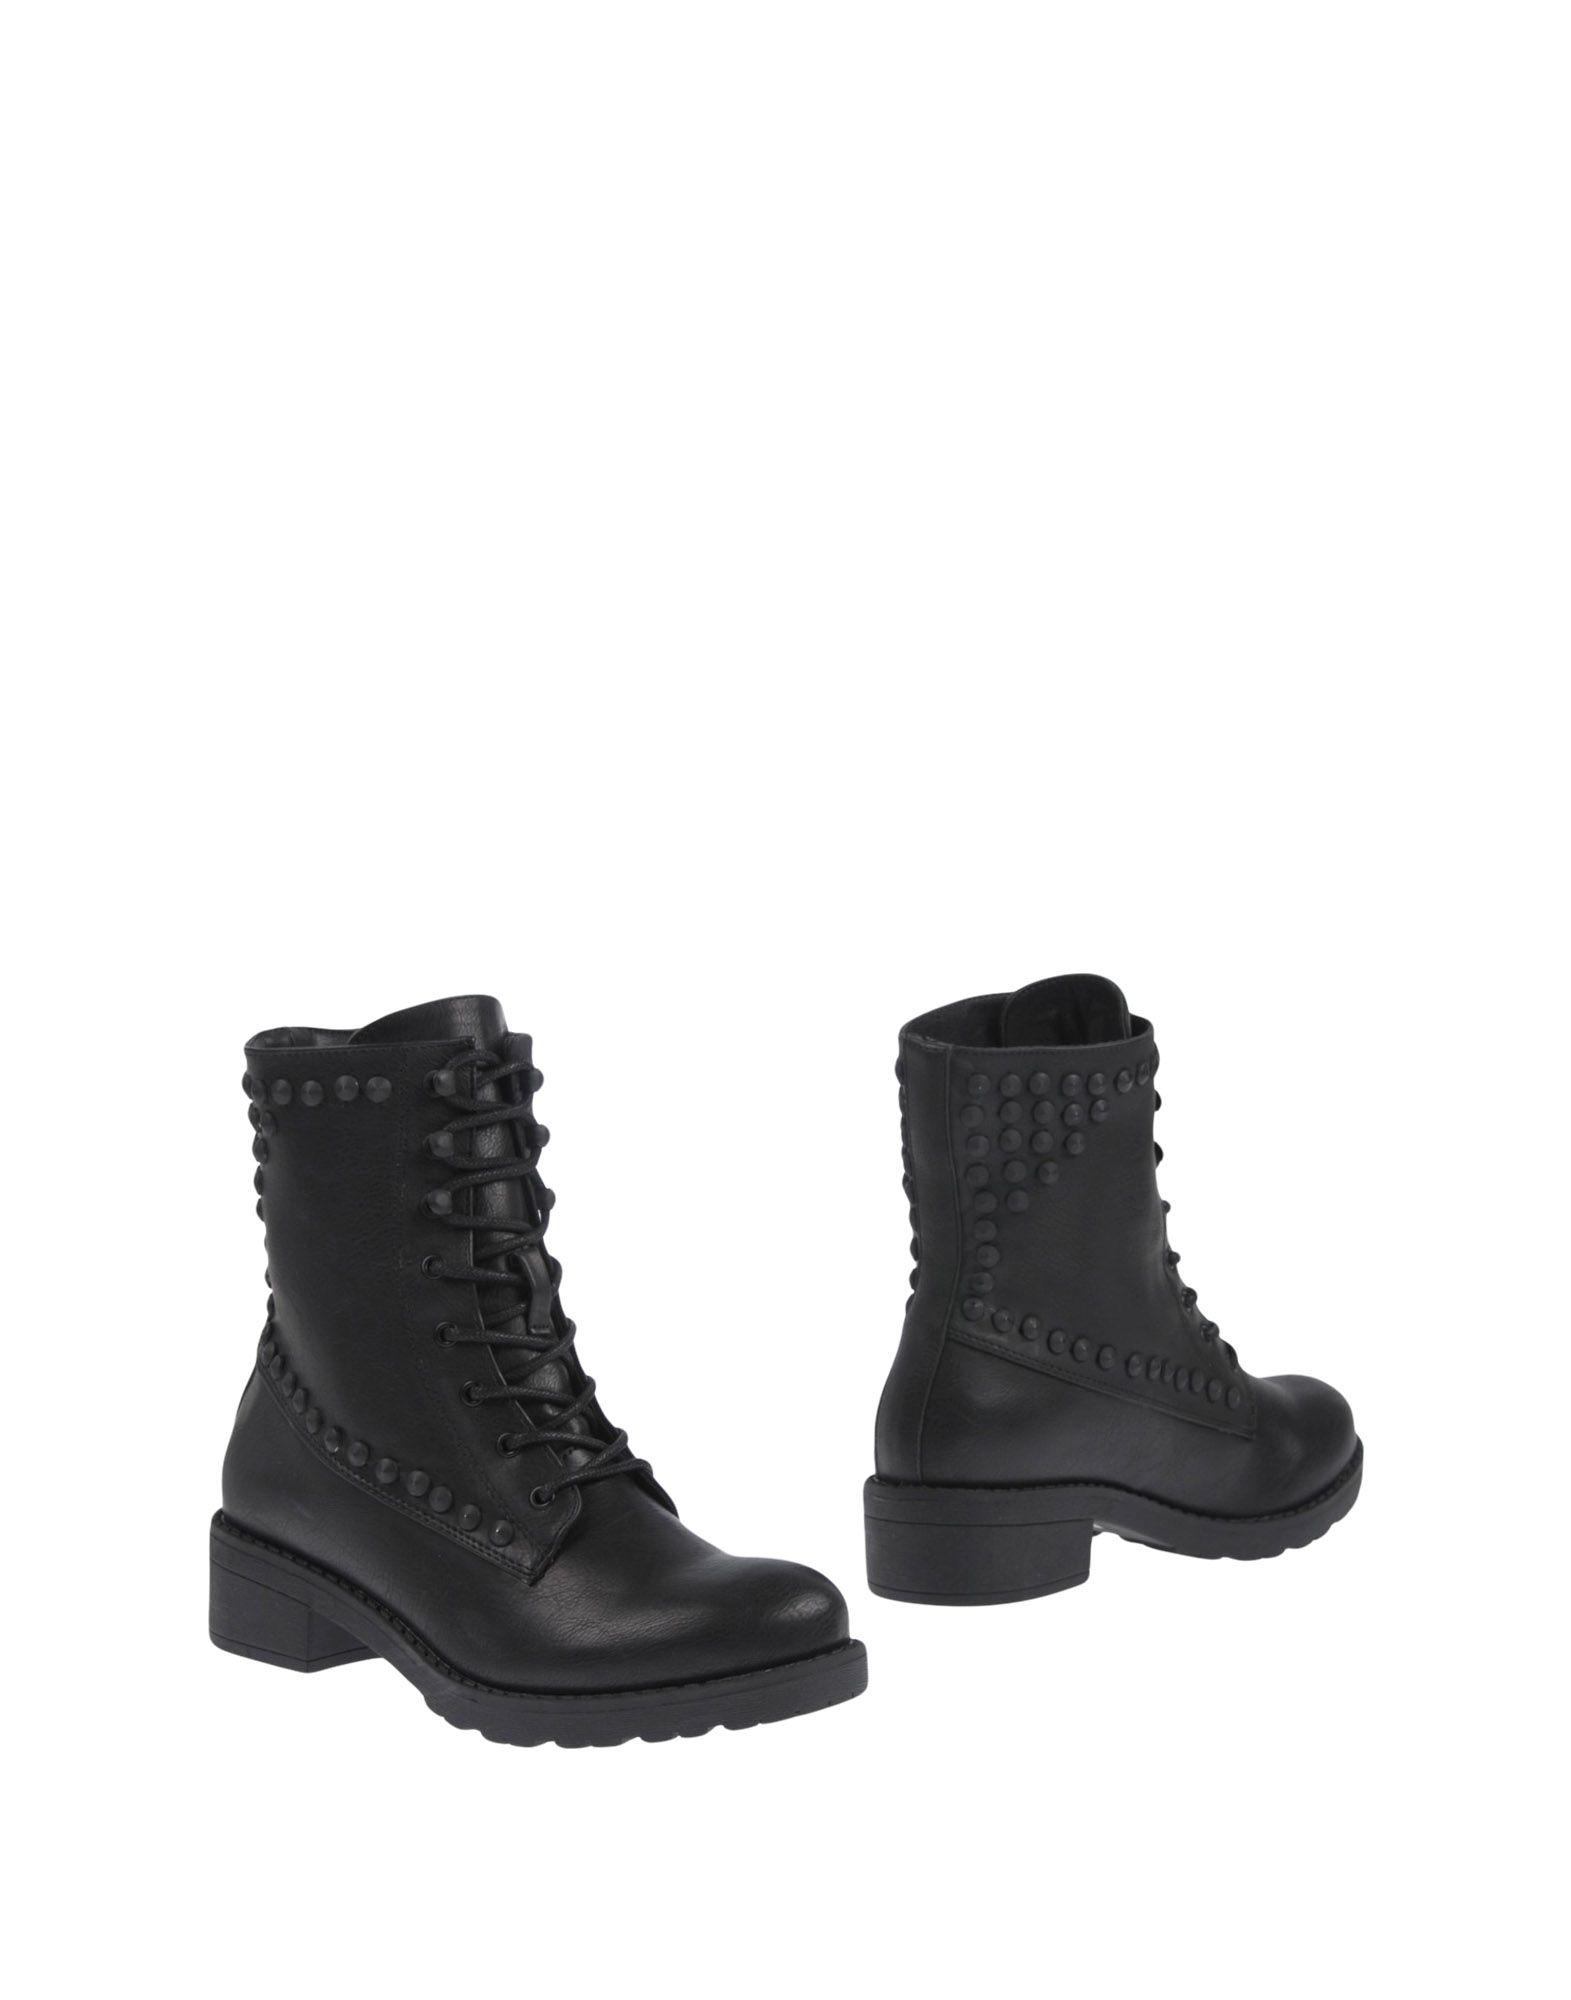 c0e8a62e0bbf Francesco Qualität Milano Stiefelette Damen 11446132QW Gute Qualität  Francesco beliebte Schuhe 544a42